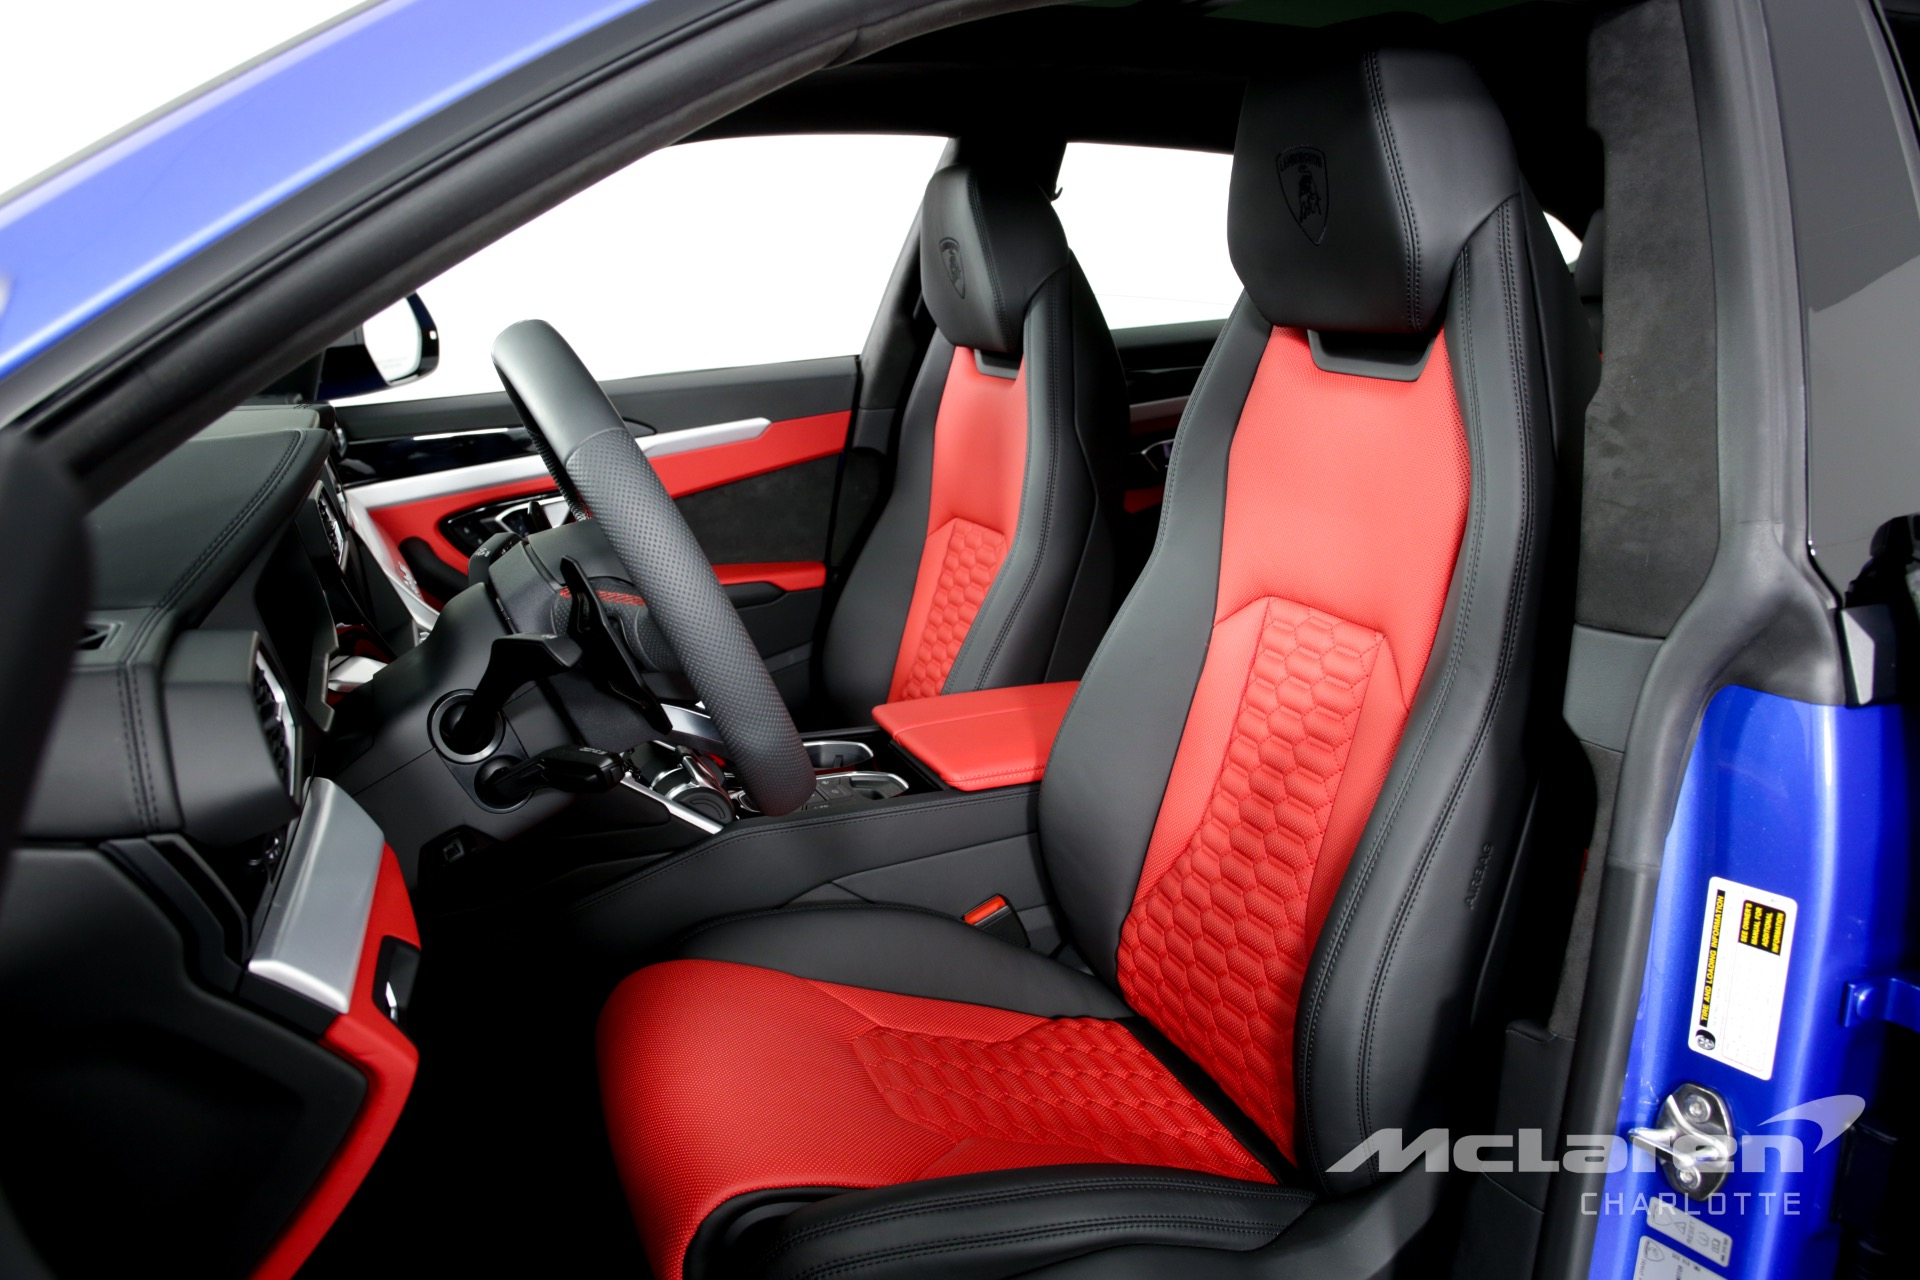 Used 2019 Lamborghini Urus For Sale ($249,996)